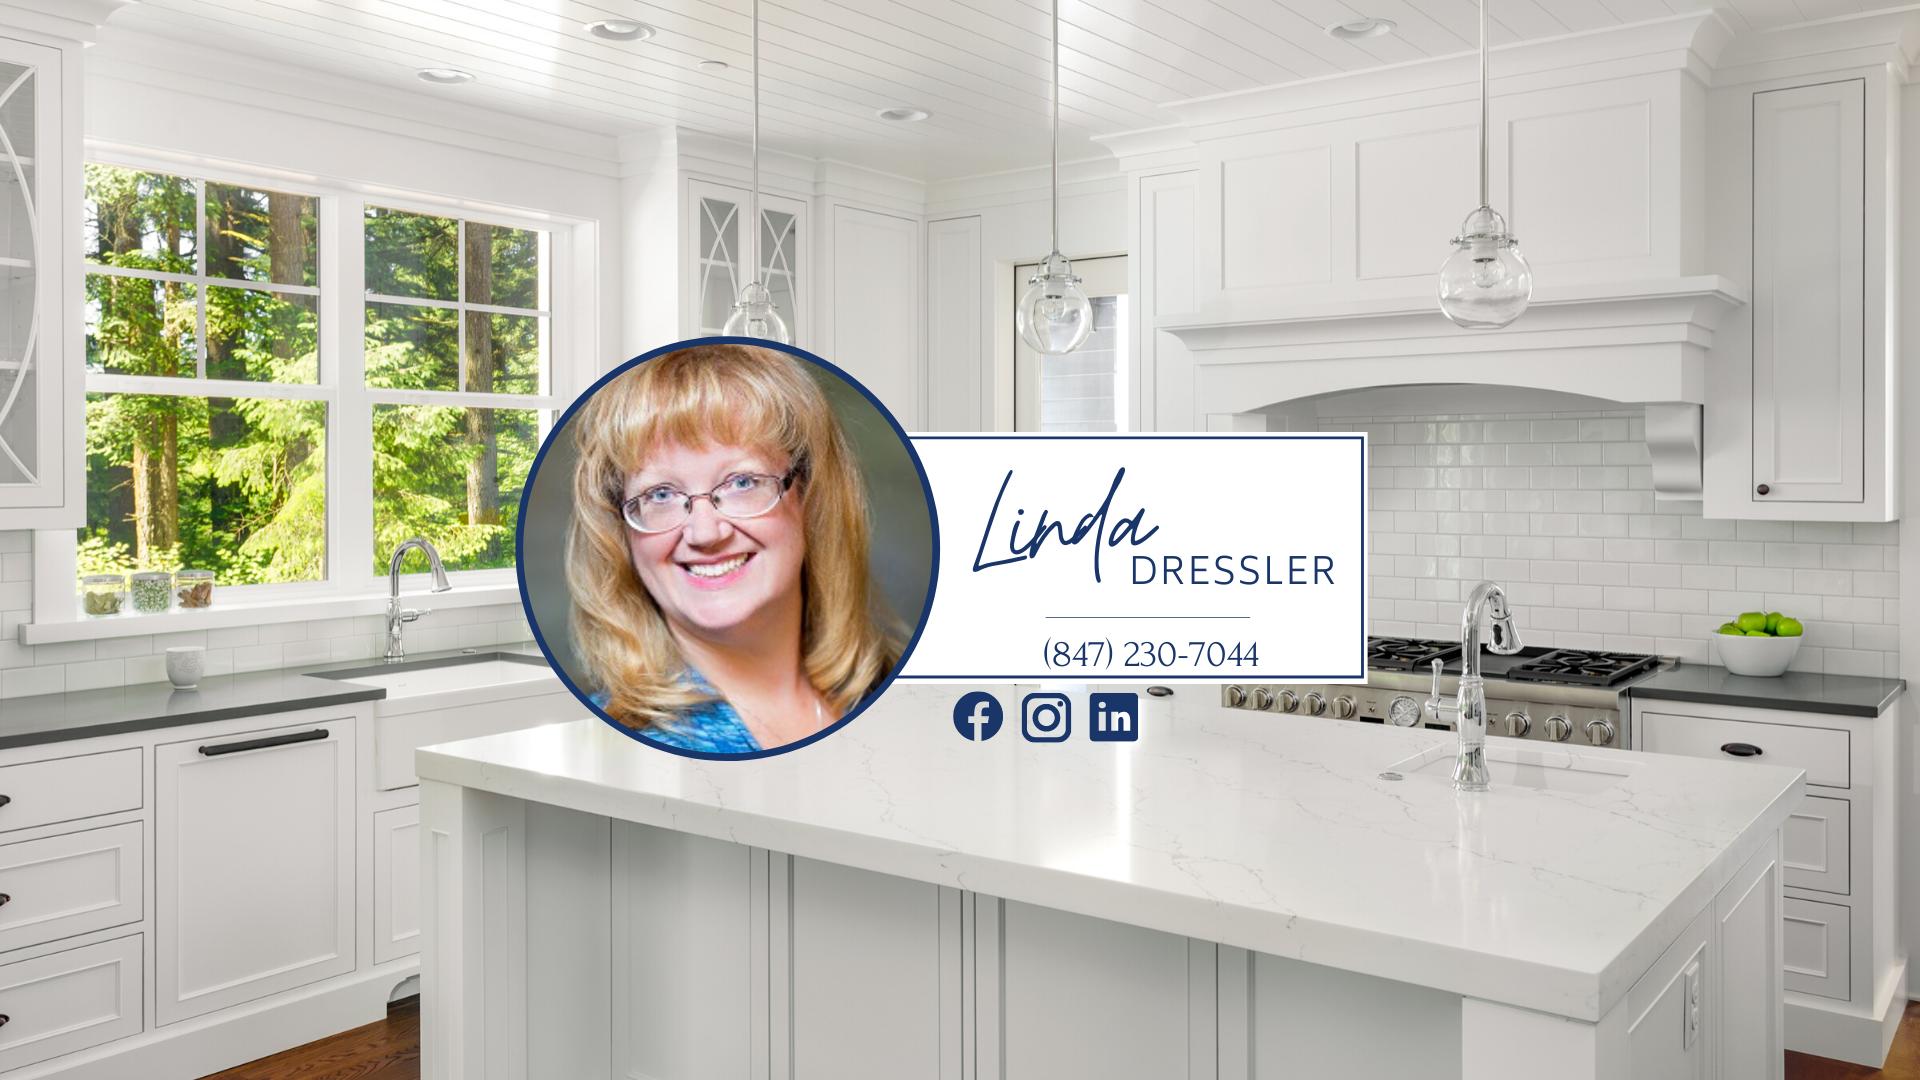 Linda Dressler Hoffman Estates, IL